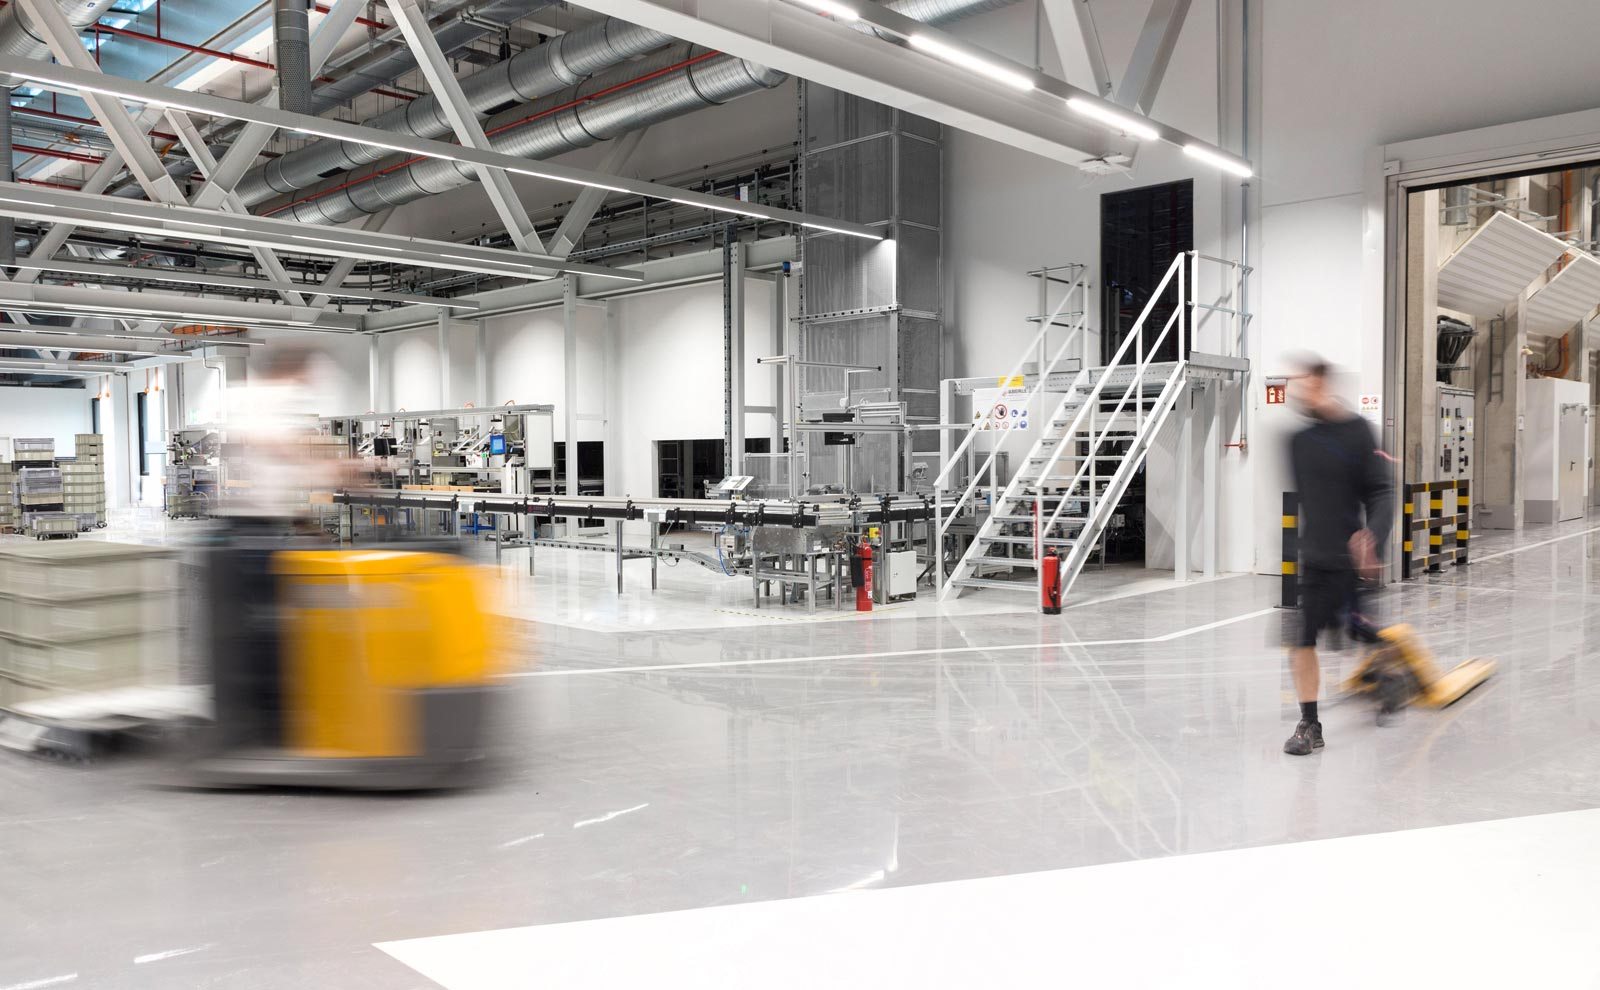 Produktionshalle des Gira Neubaus von Sauerbruch und Hutton von innen